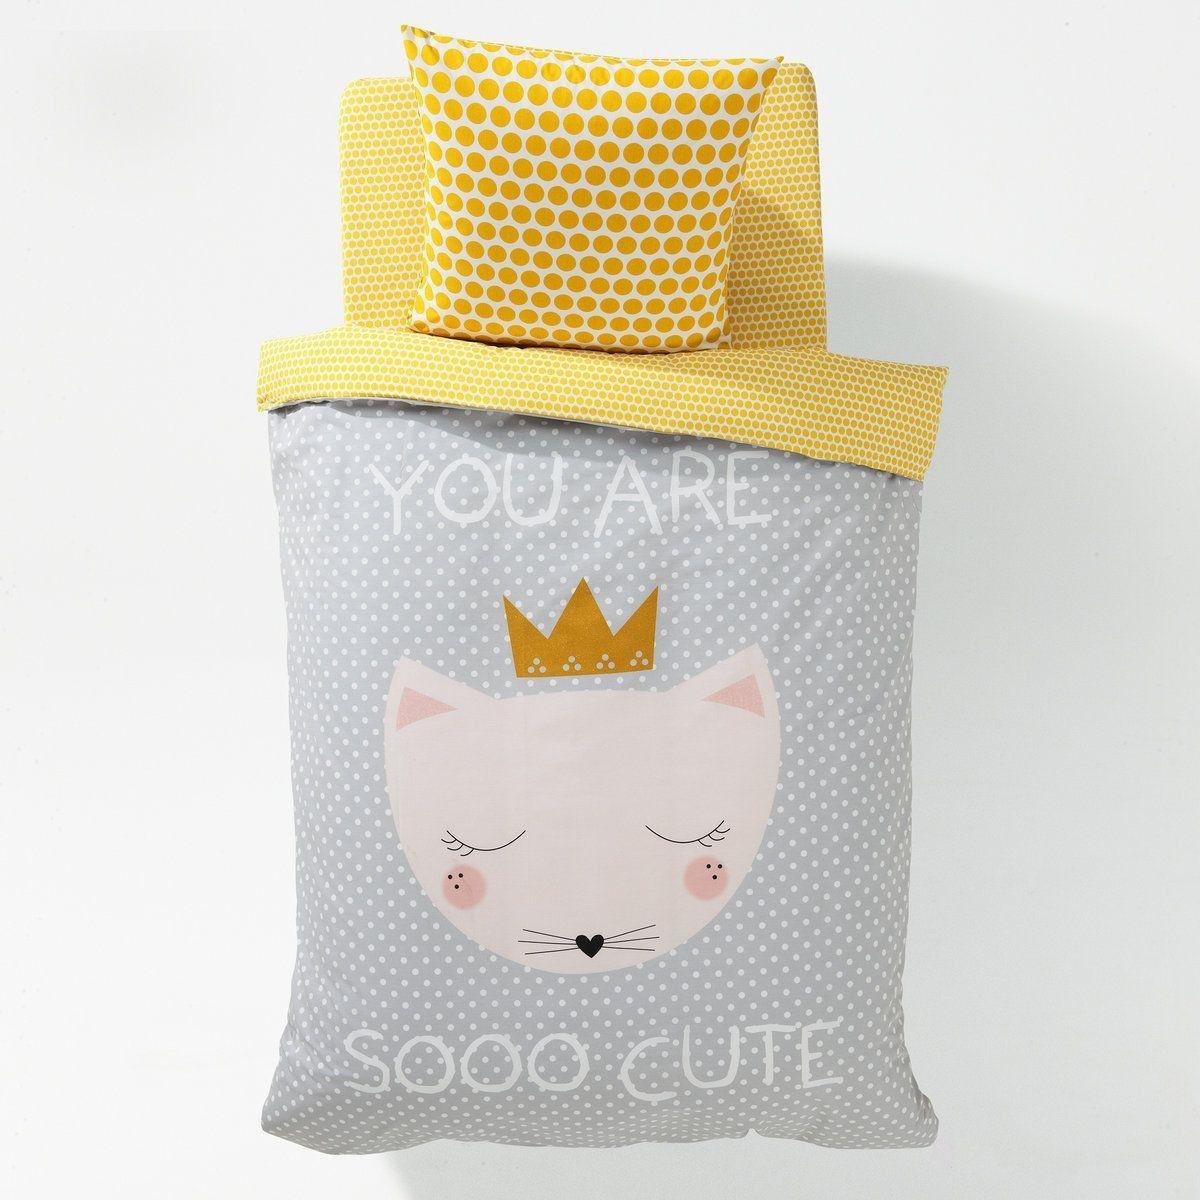 Housse De Couette Pur Coton Chat Cute Housse De Couette Couette Et Housse De Couette Enfant